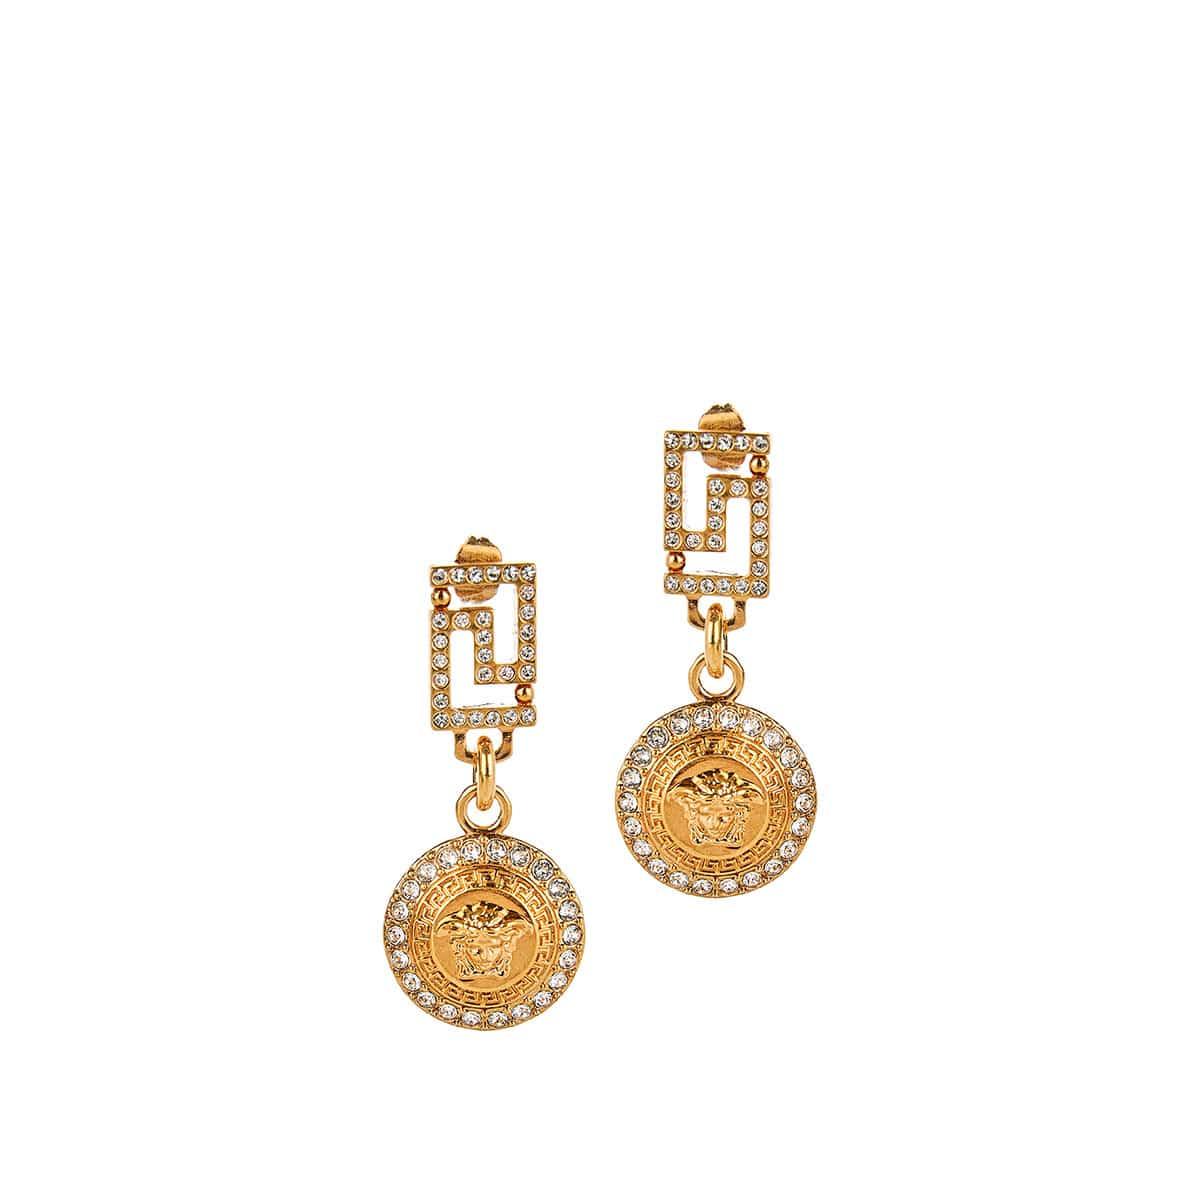 Medusa crystal-encrusted drop earrings